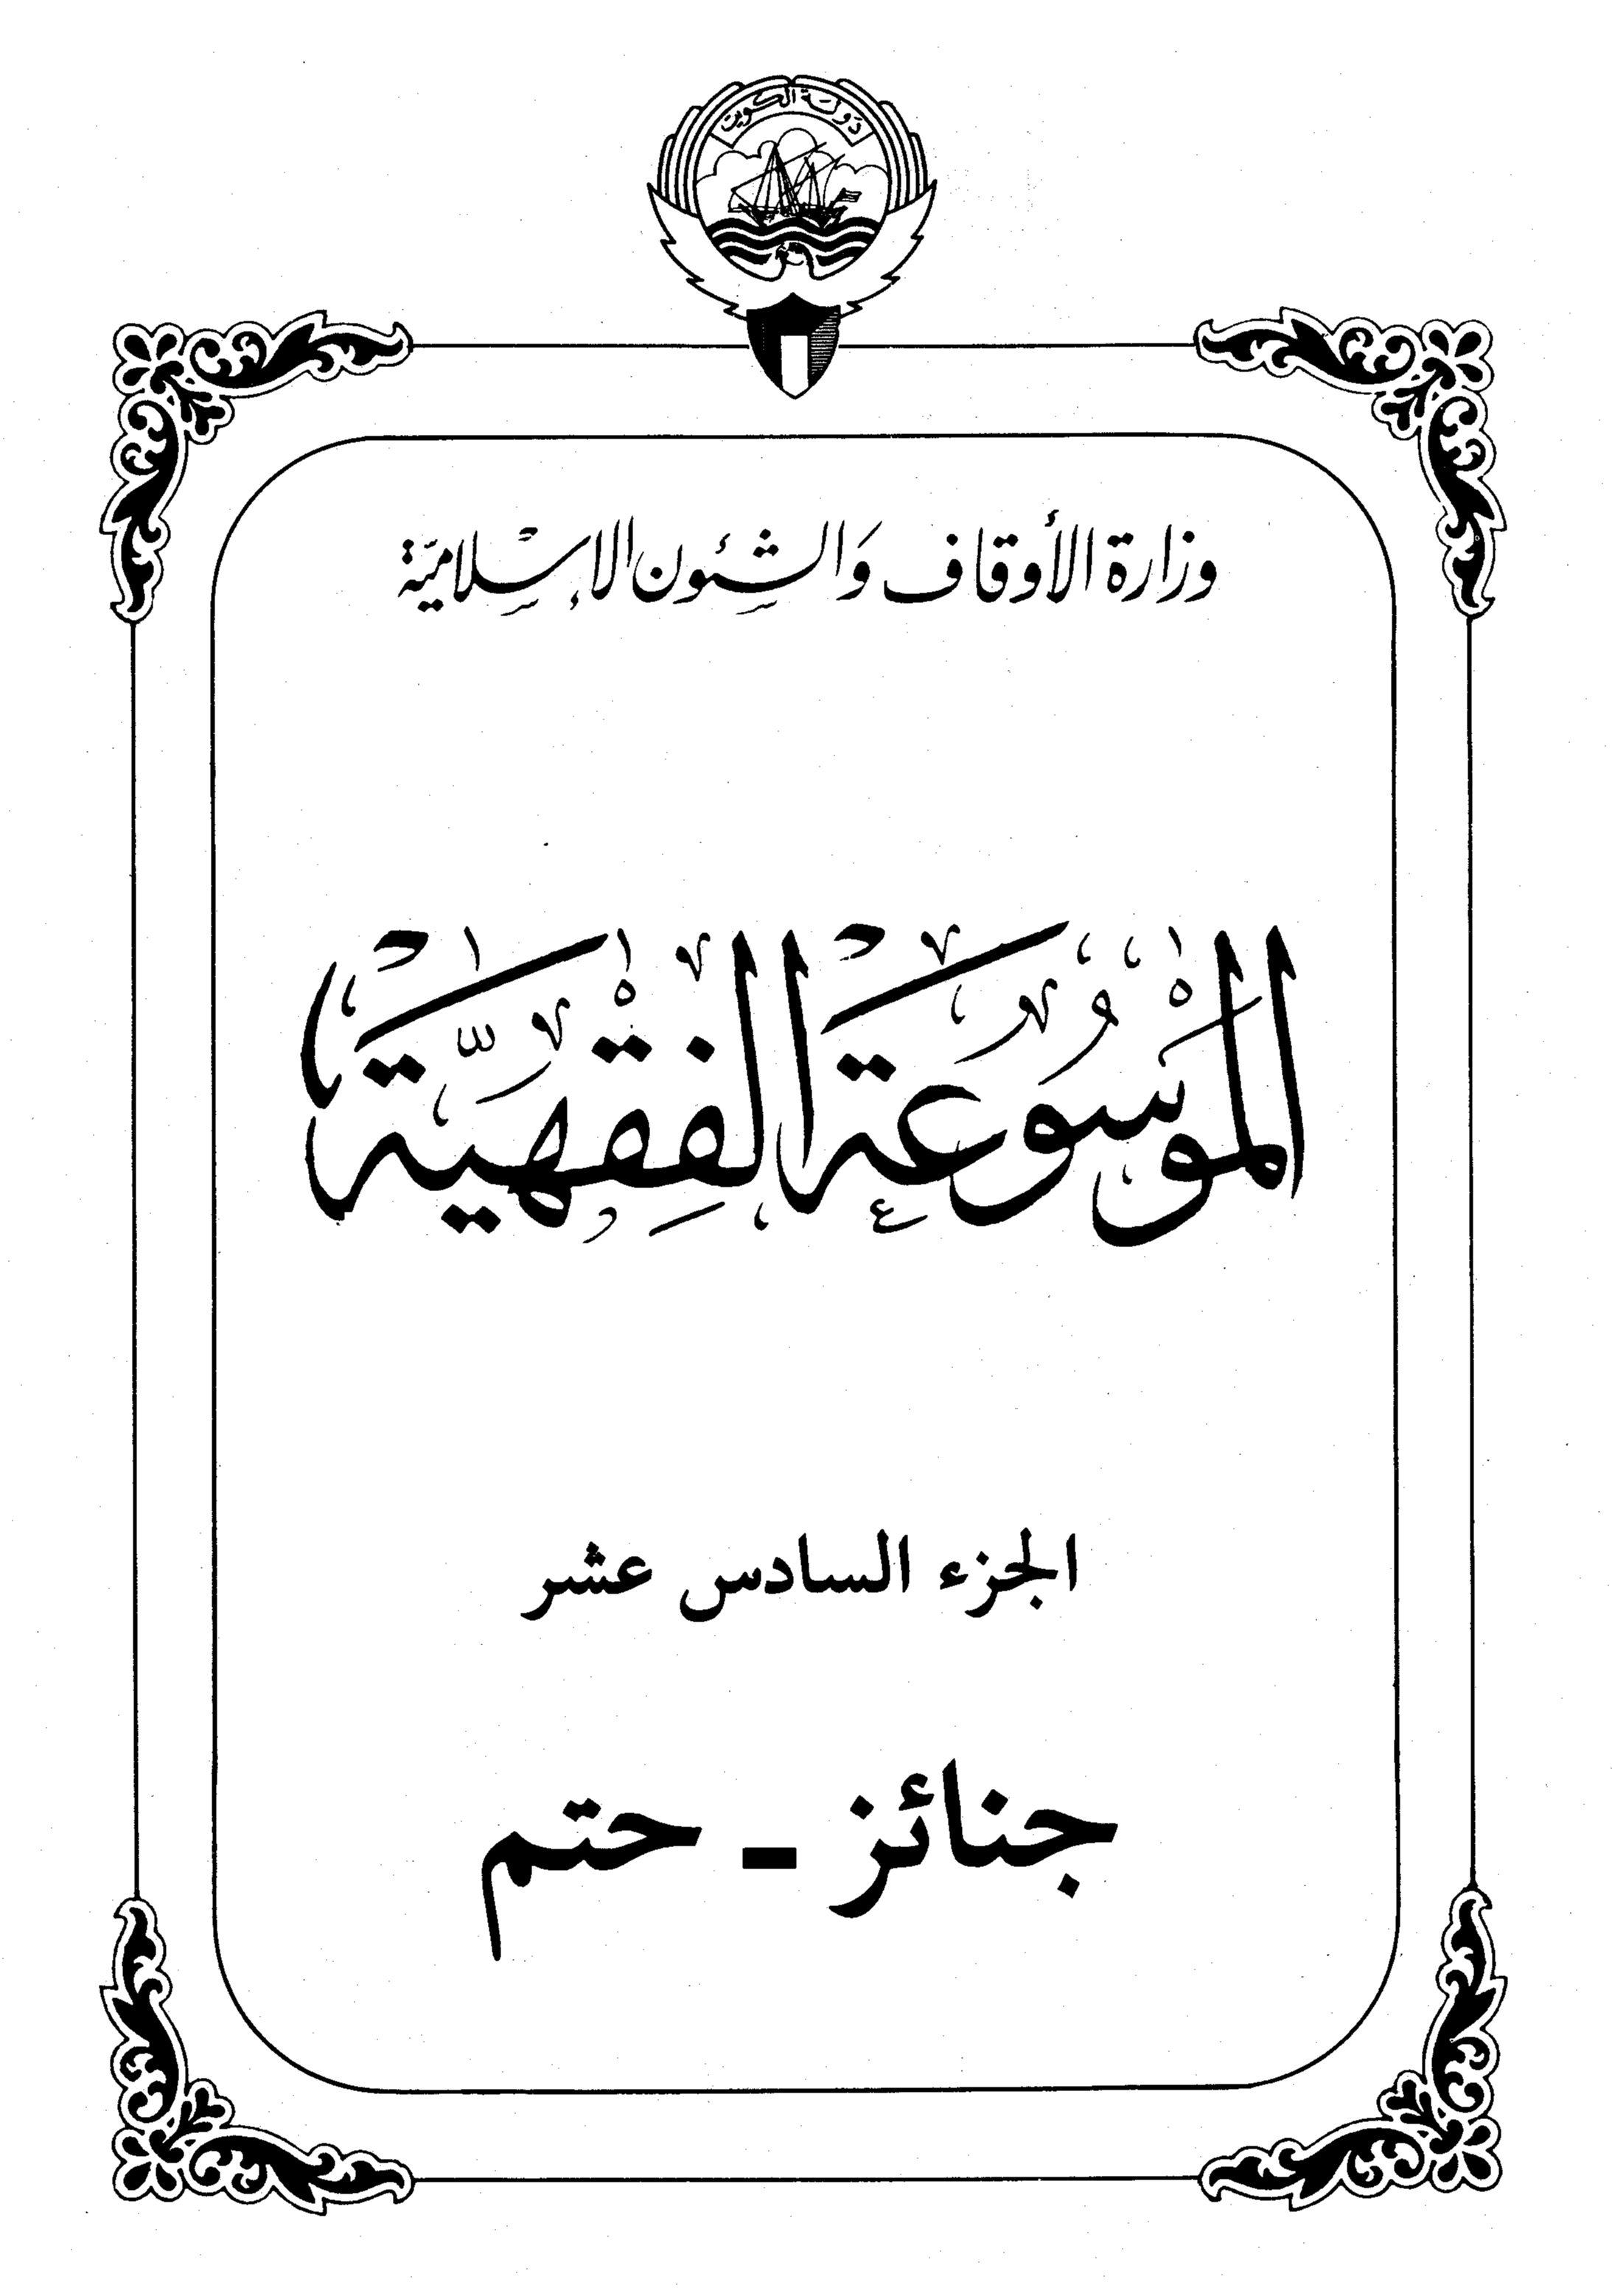 الموسوعة الفقهية الكويتية الجزء السادس عشر (جنائز- حتم)